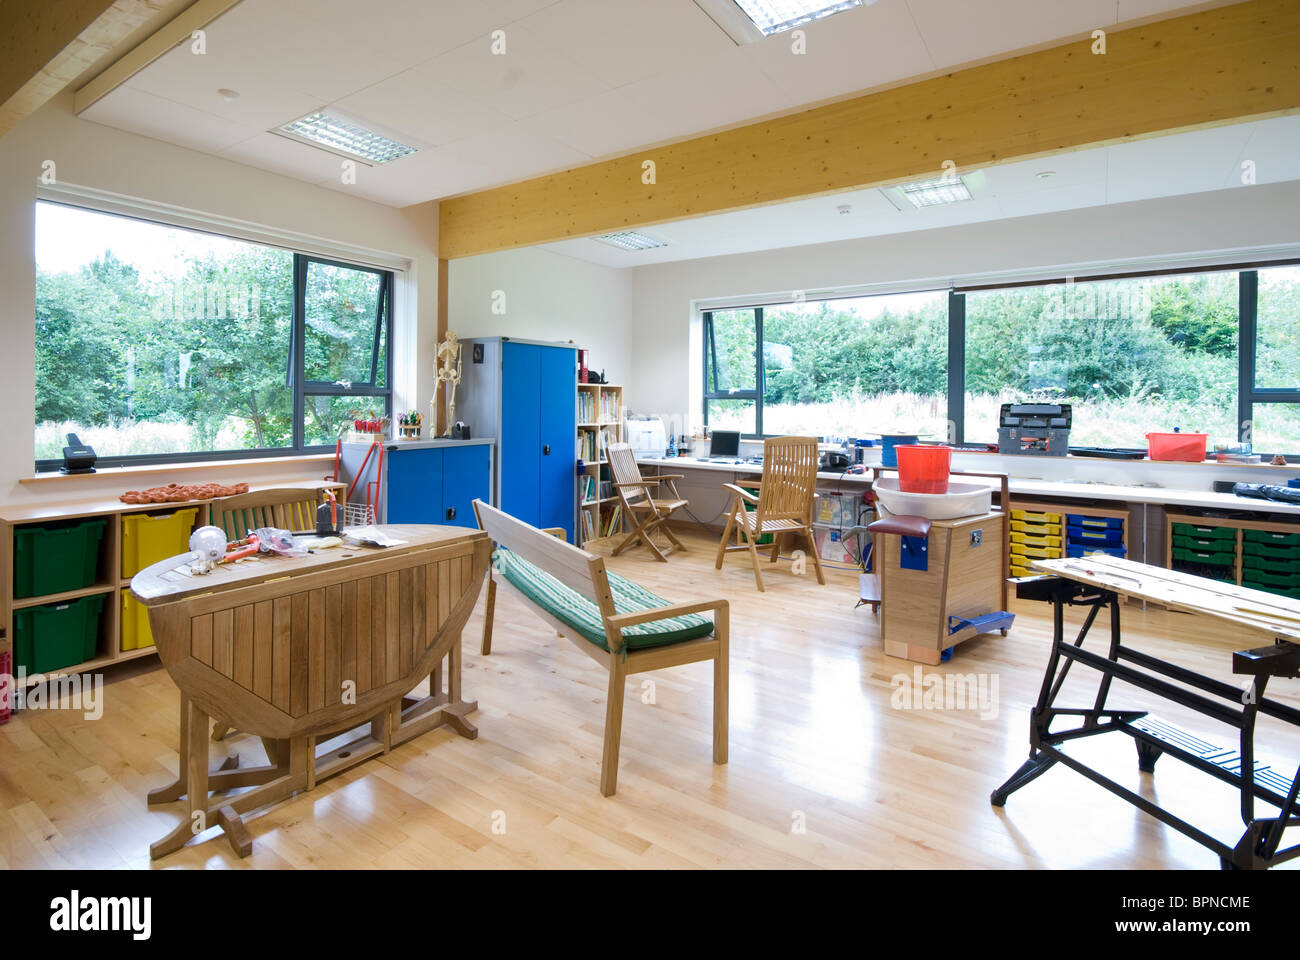 Warren Park School, Havant - Bourne edificio. Ambientali naturali dipartimento scienza classroom Immagini Stock